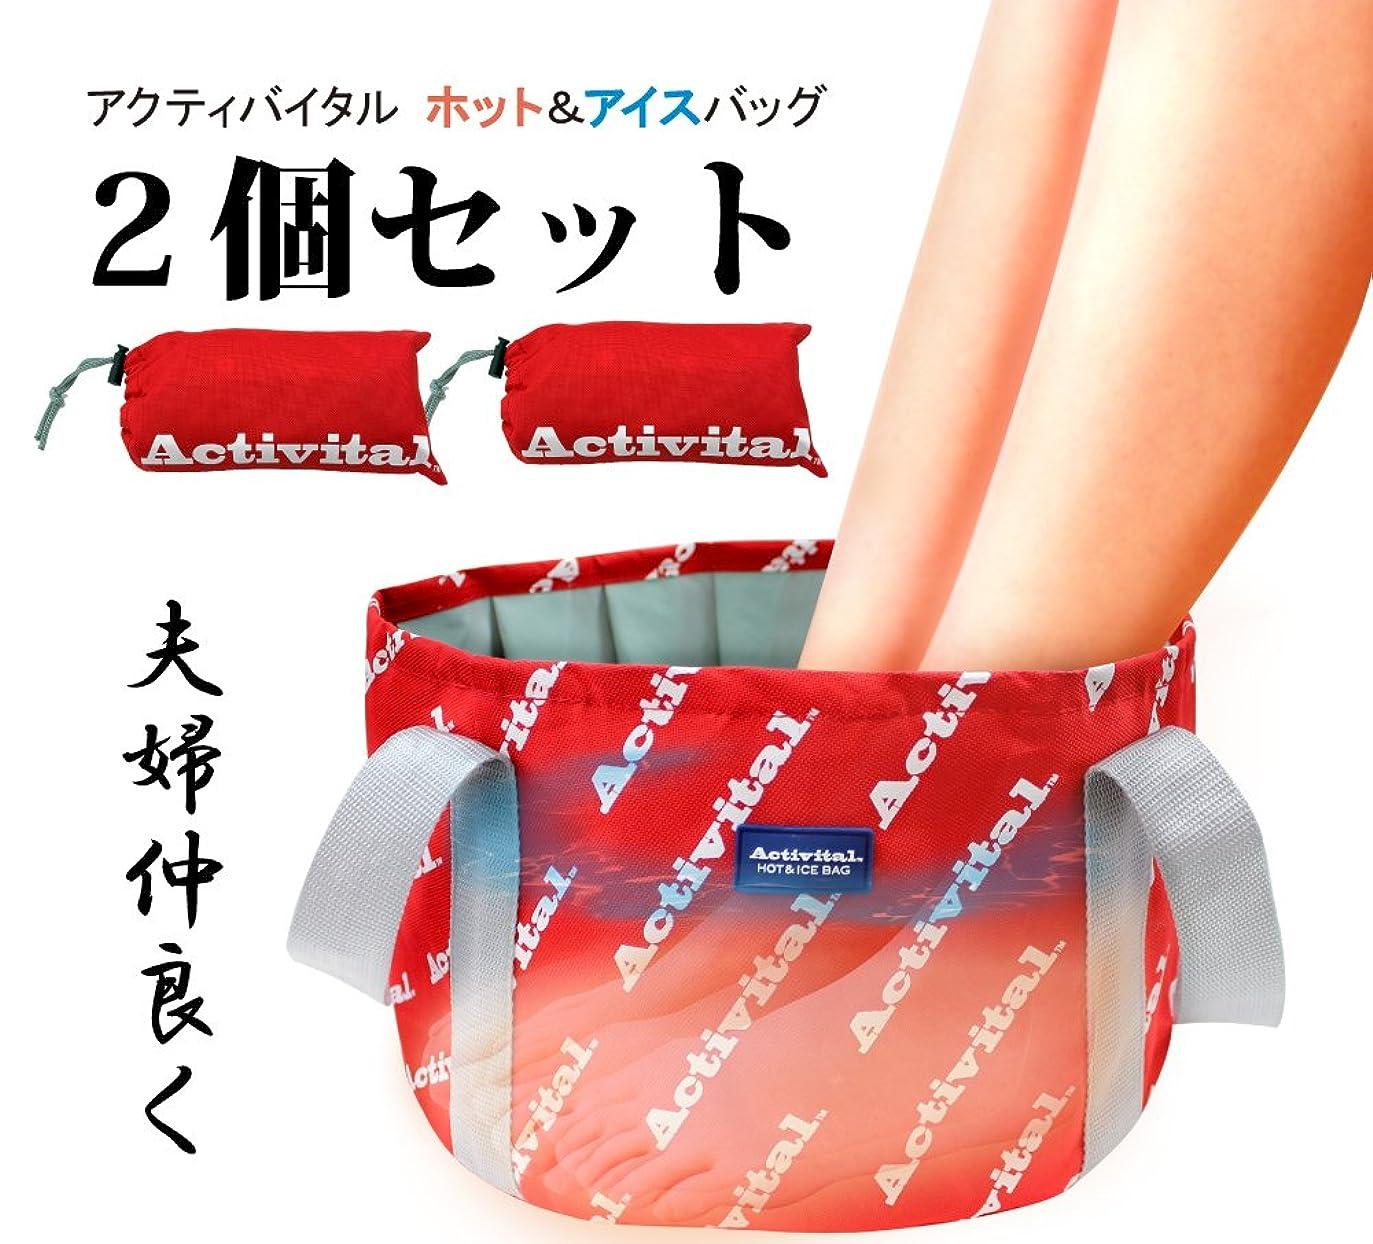 トマト調停者燃やすActivital HOT&ICE BAG アクティバイタル 温冷対応 ホット&アイス バック2個セット折り畳み式